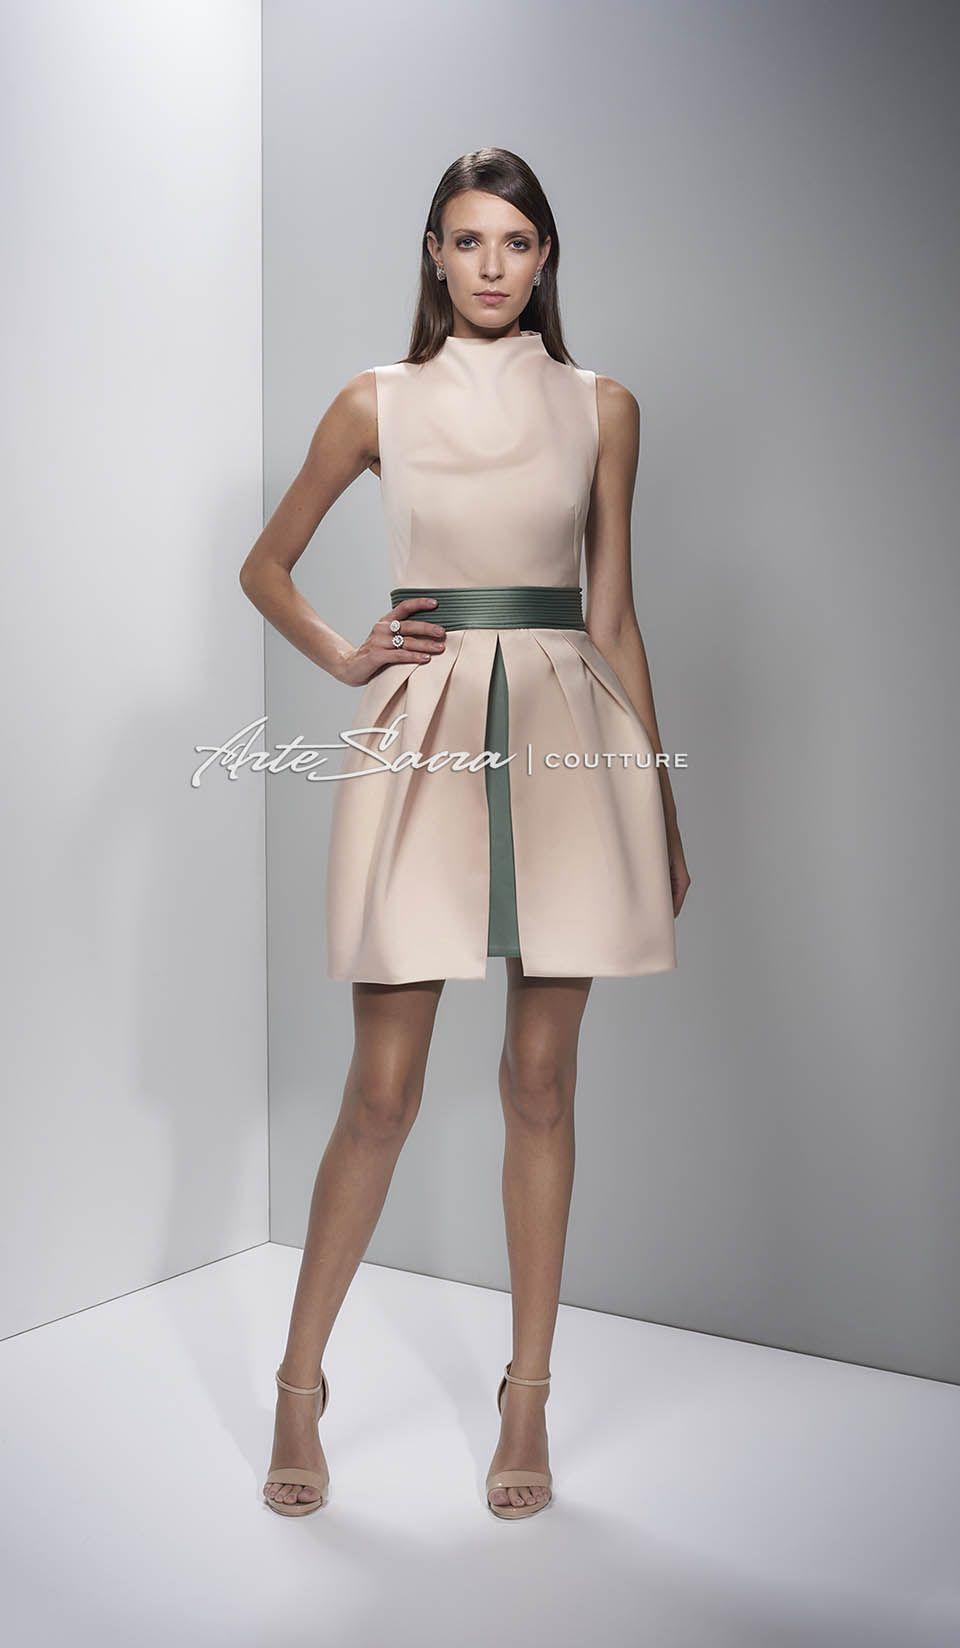 Vestido de formatura curto para convidada. Clique e confira mais 28 modelos de vestidos de formatura e muitas dicas para formandas e convidadas.